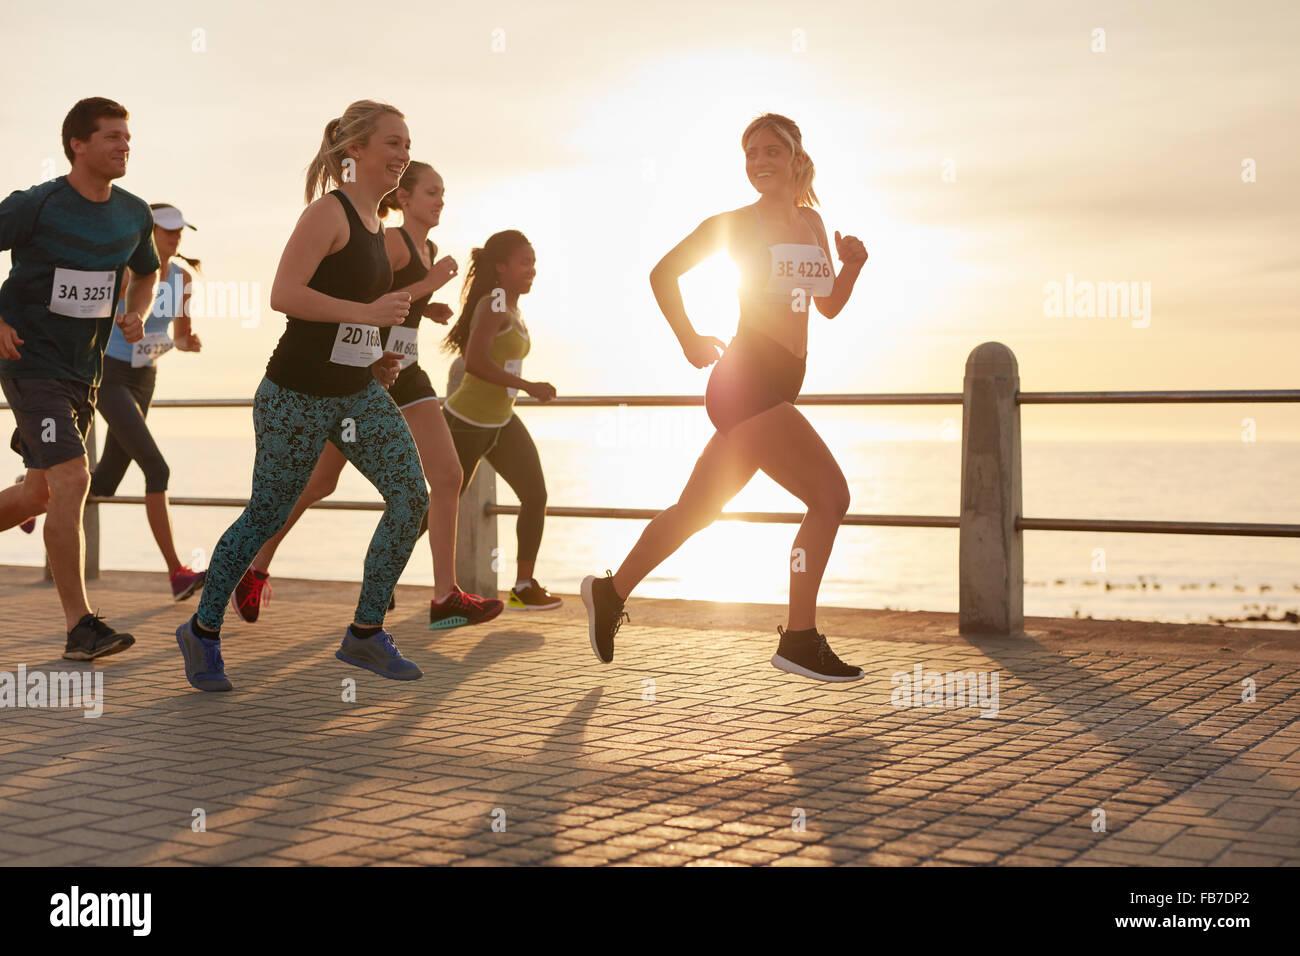 Montare i giovani in esecuzione su strada con il mare. Guide di scorrimento per competere in una gara di maratona Immagini Stock